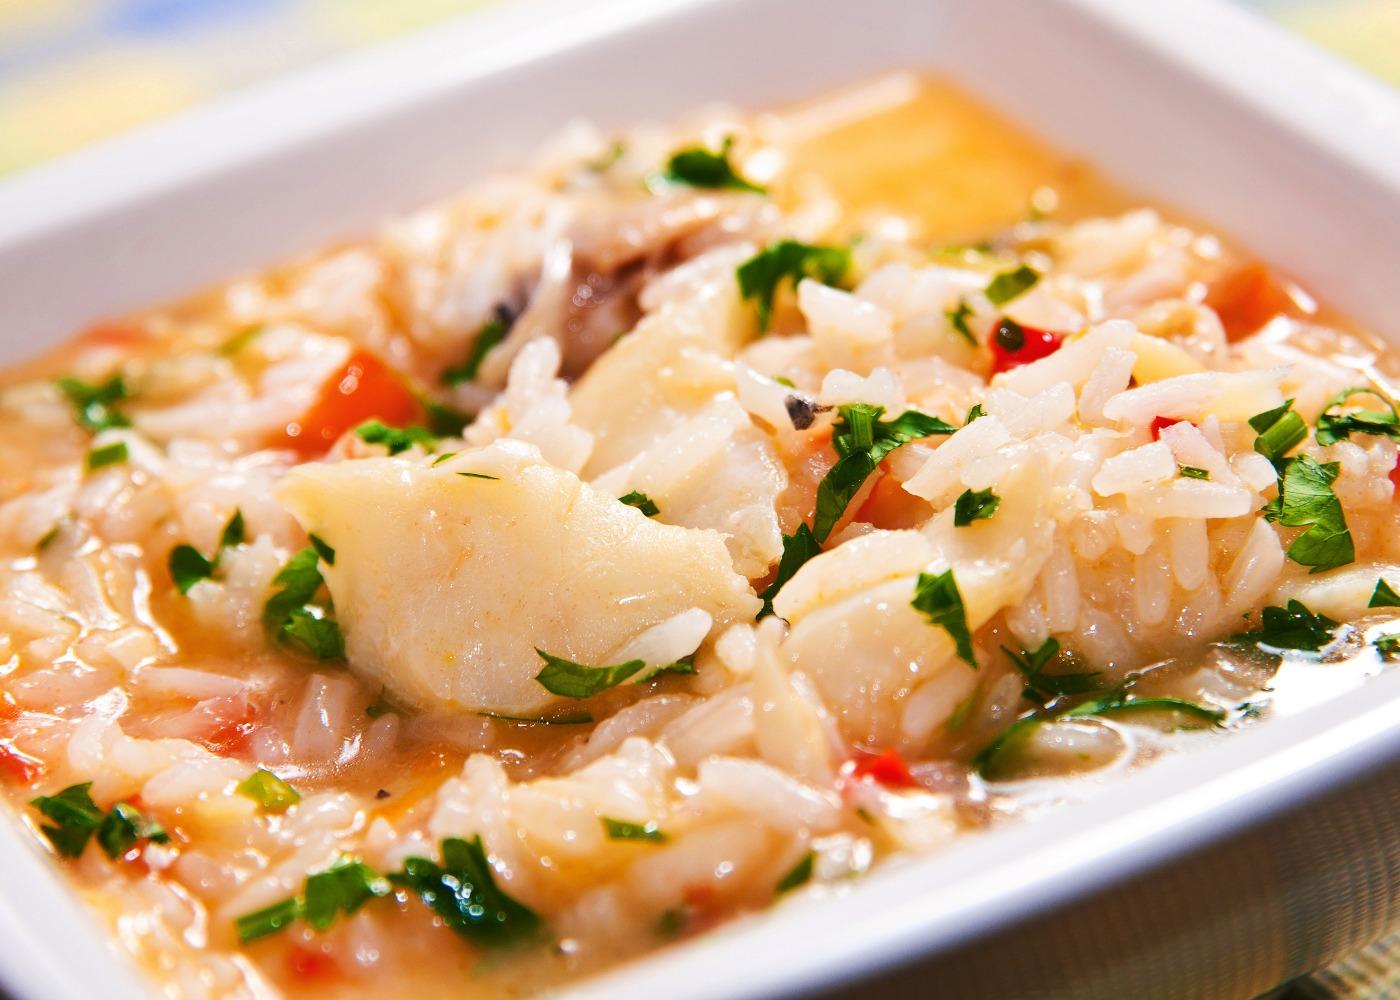 arroz de bacalhau malandrinho